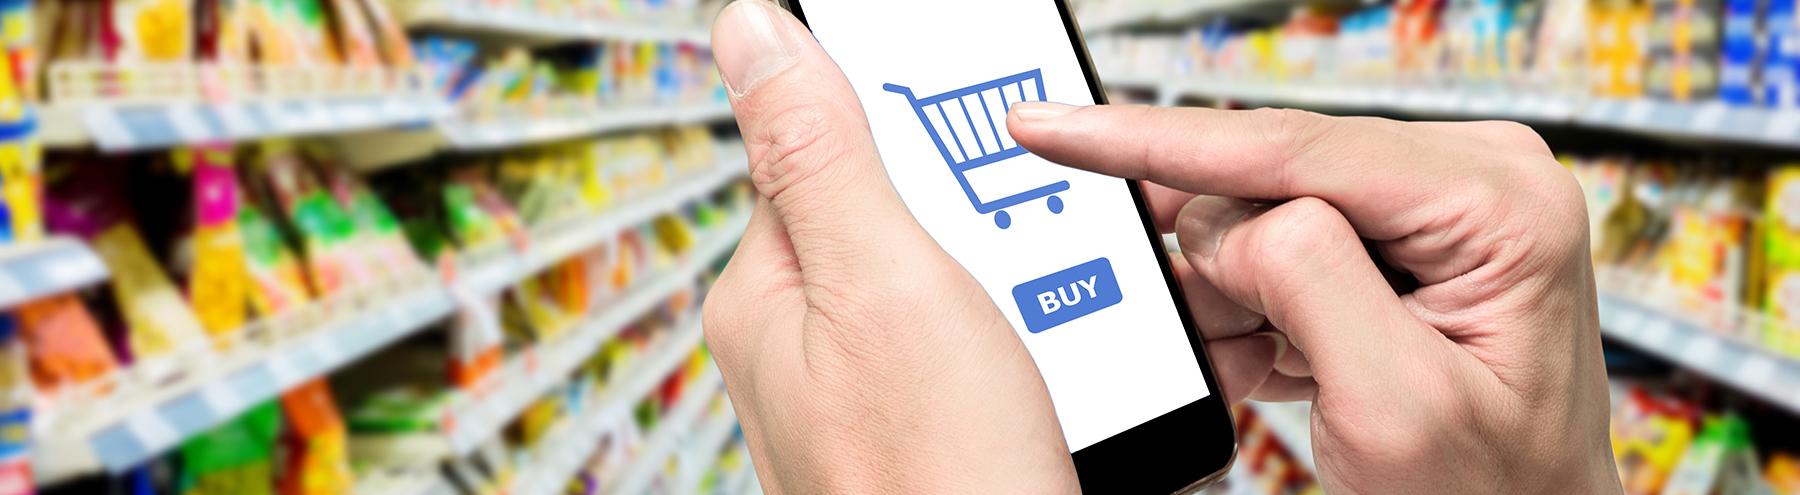 מסחר אלקטרוני בתעשיית המזון